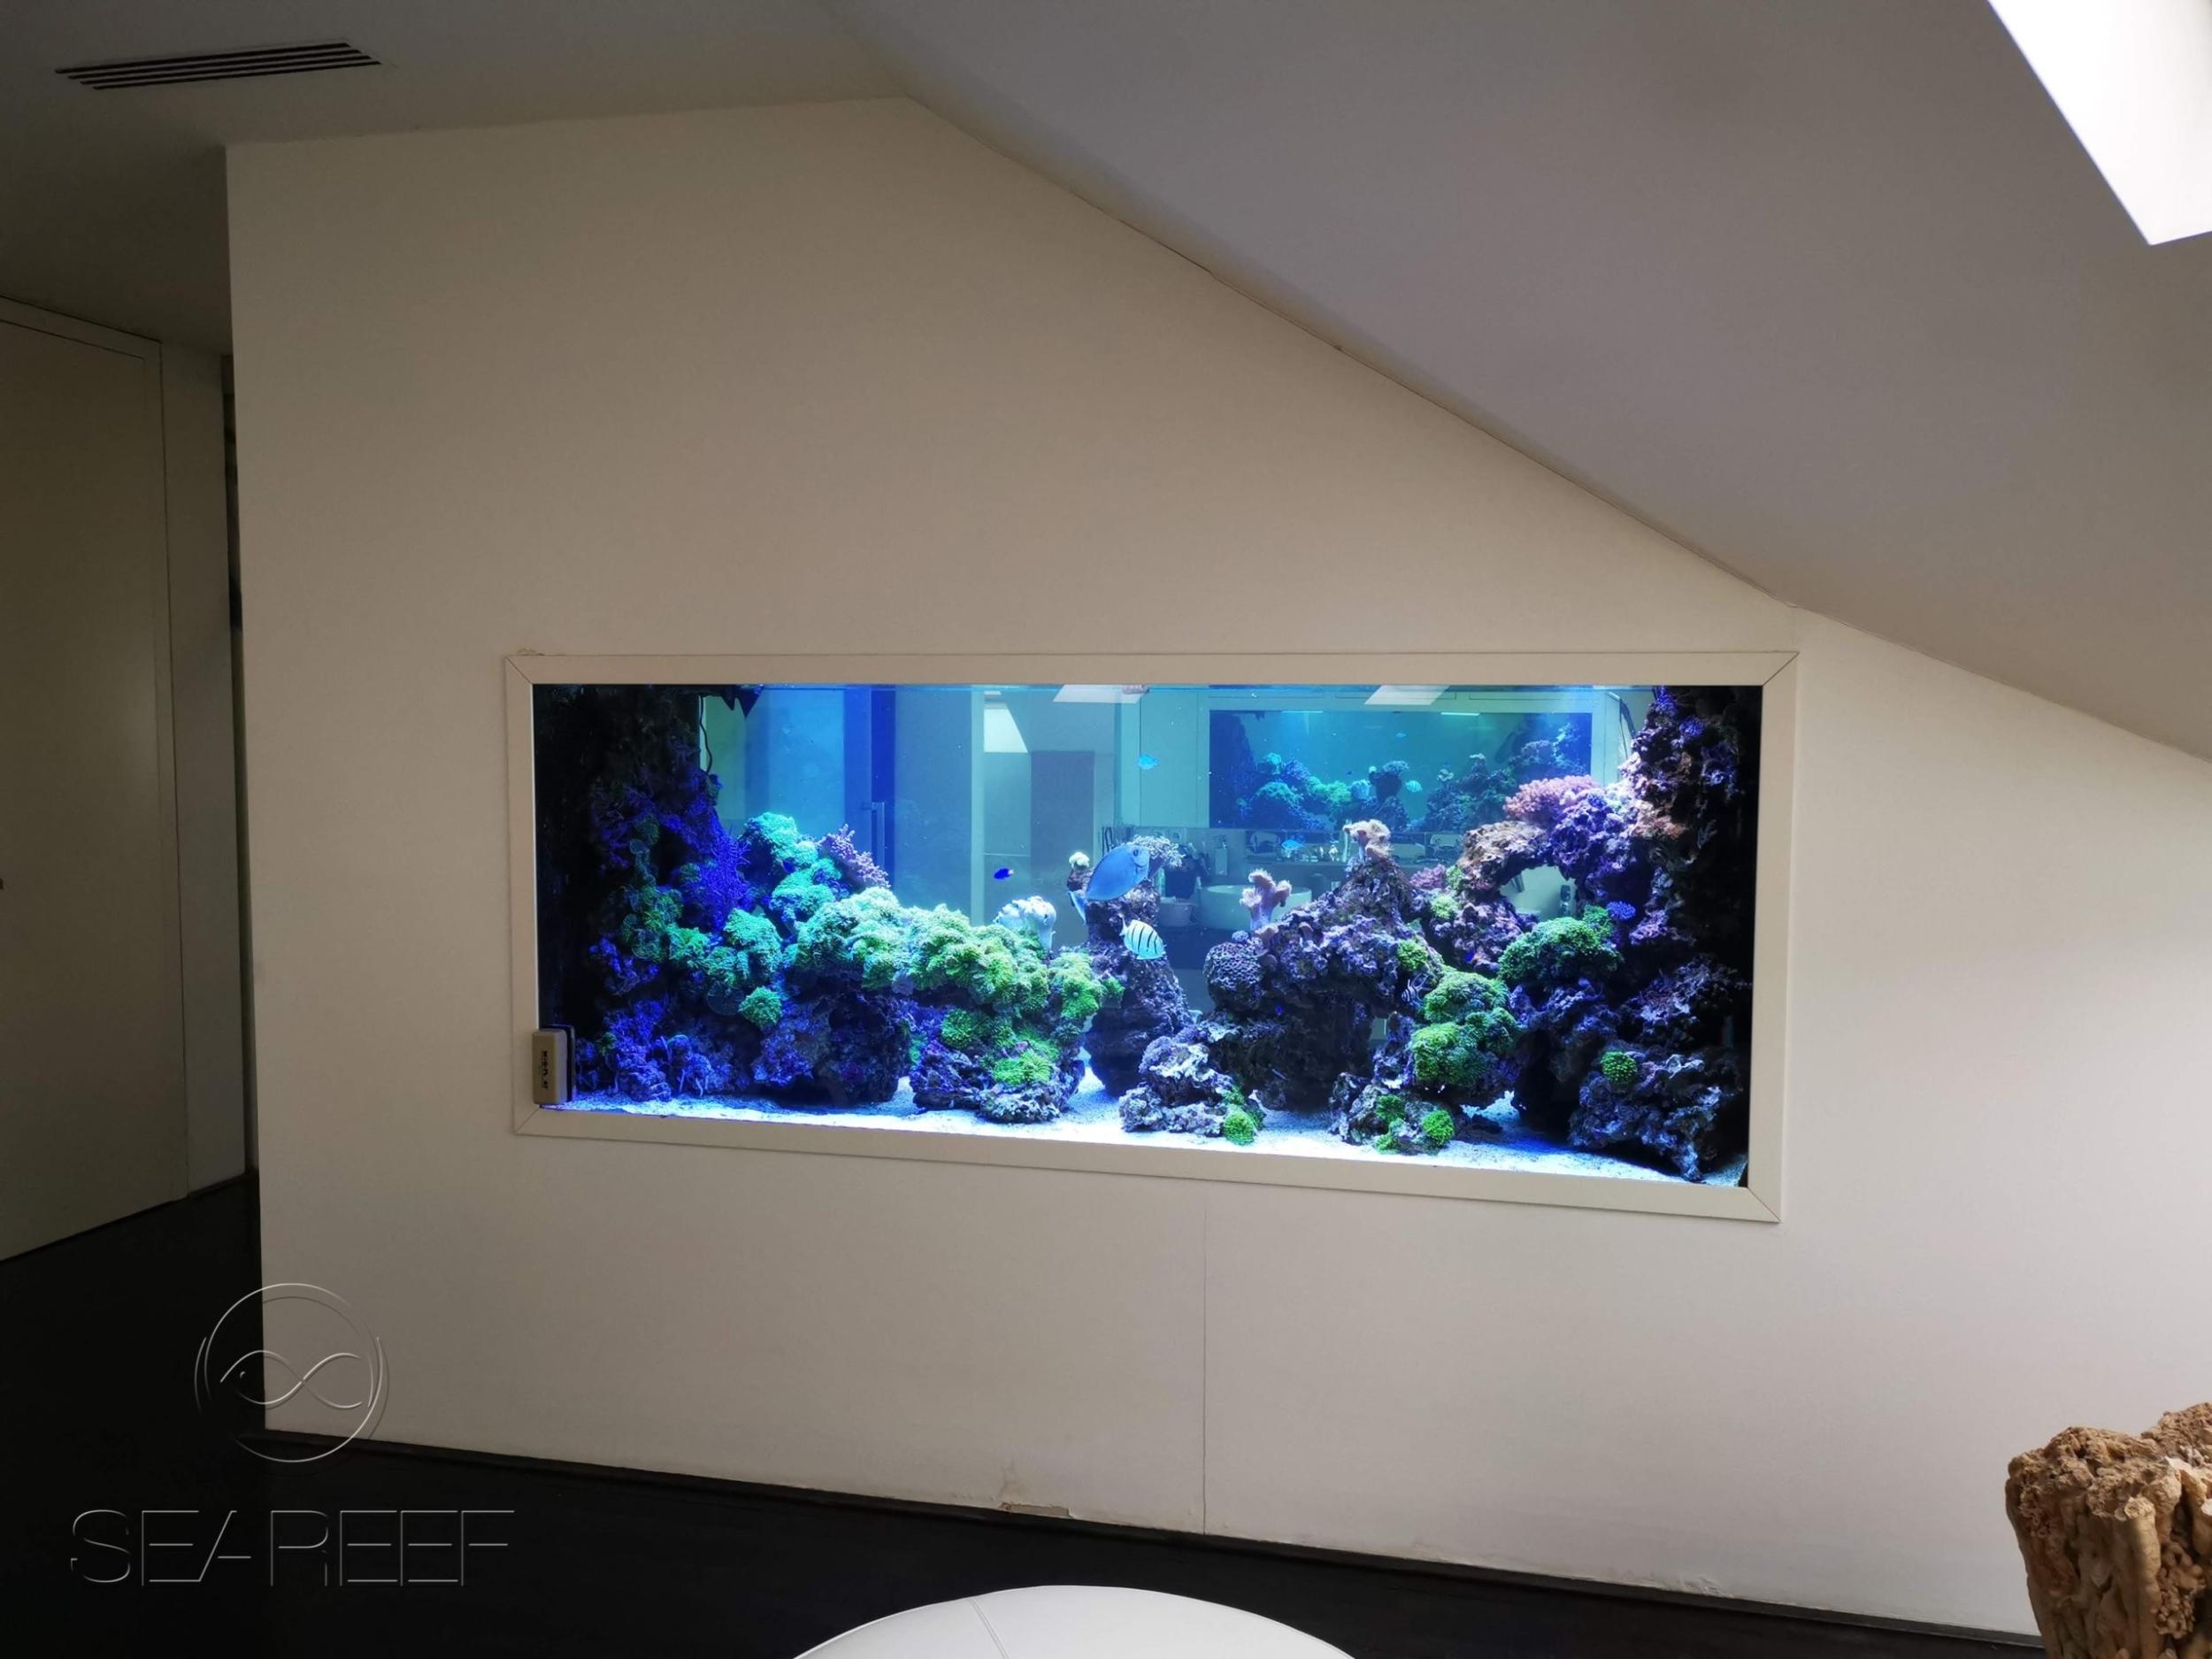 Mořské designové akvárium na míru interiéru o objemu 2280 litrů.